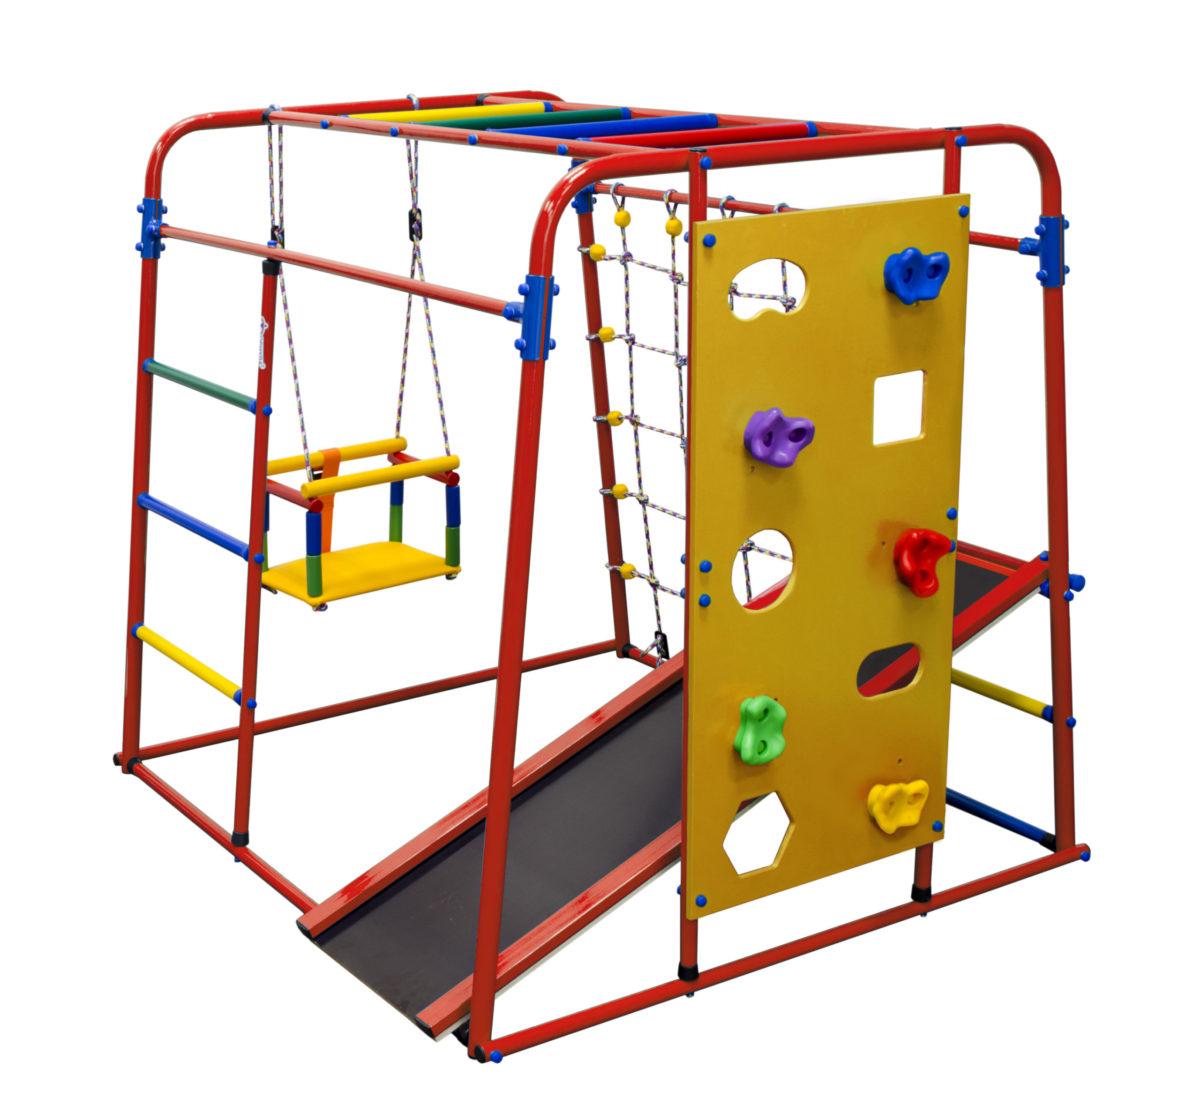 Детский спортивный комплекс Формула здоровья Start baby 2 плюс красный/радуга